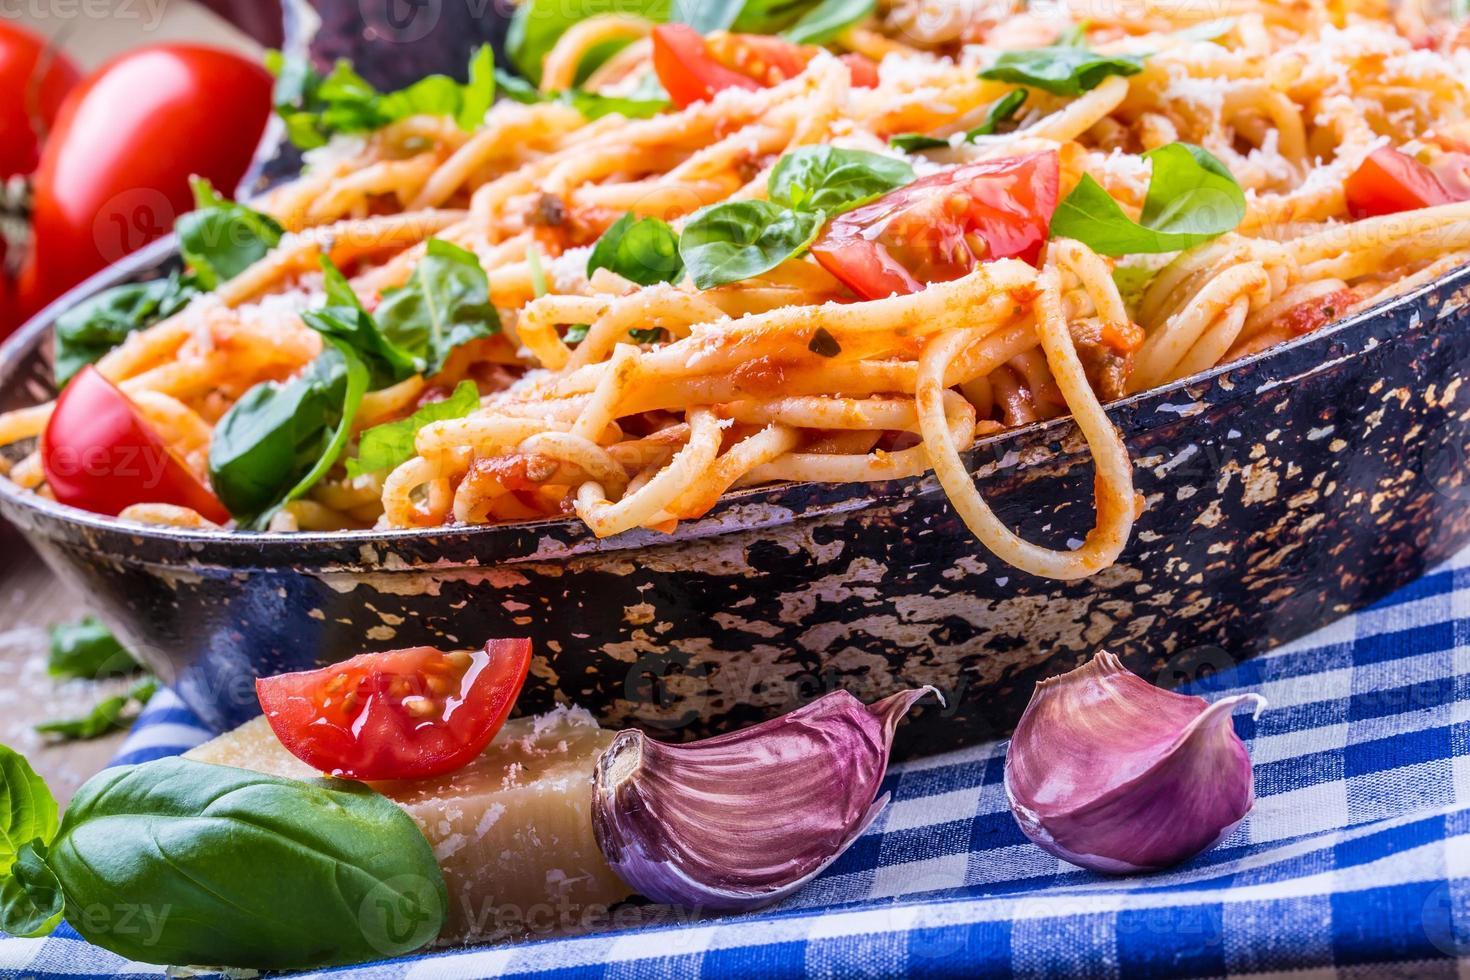 esparguete à bolonhesa com tomate xerez e manjericão. foto